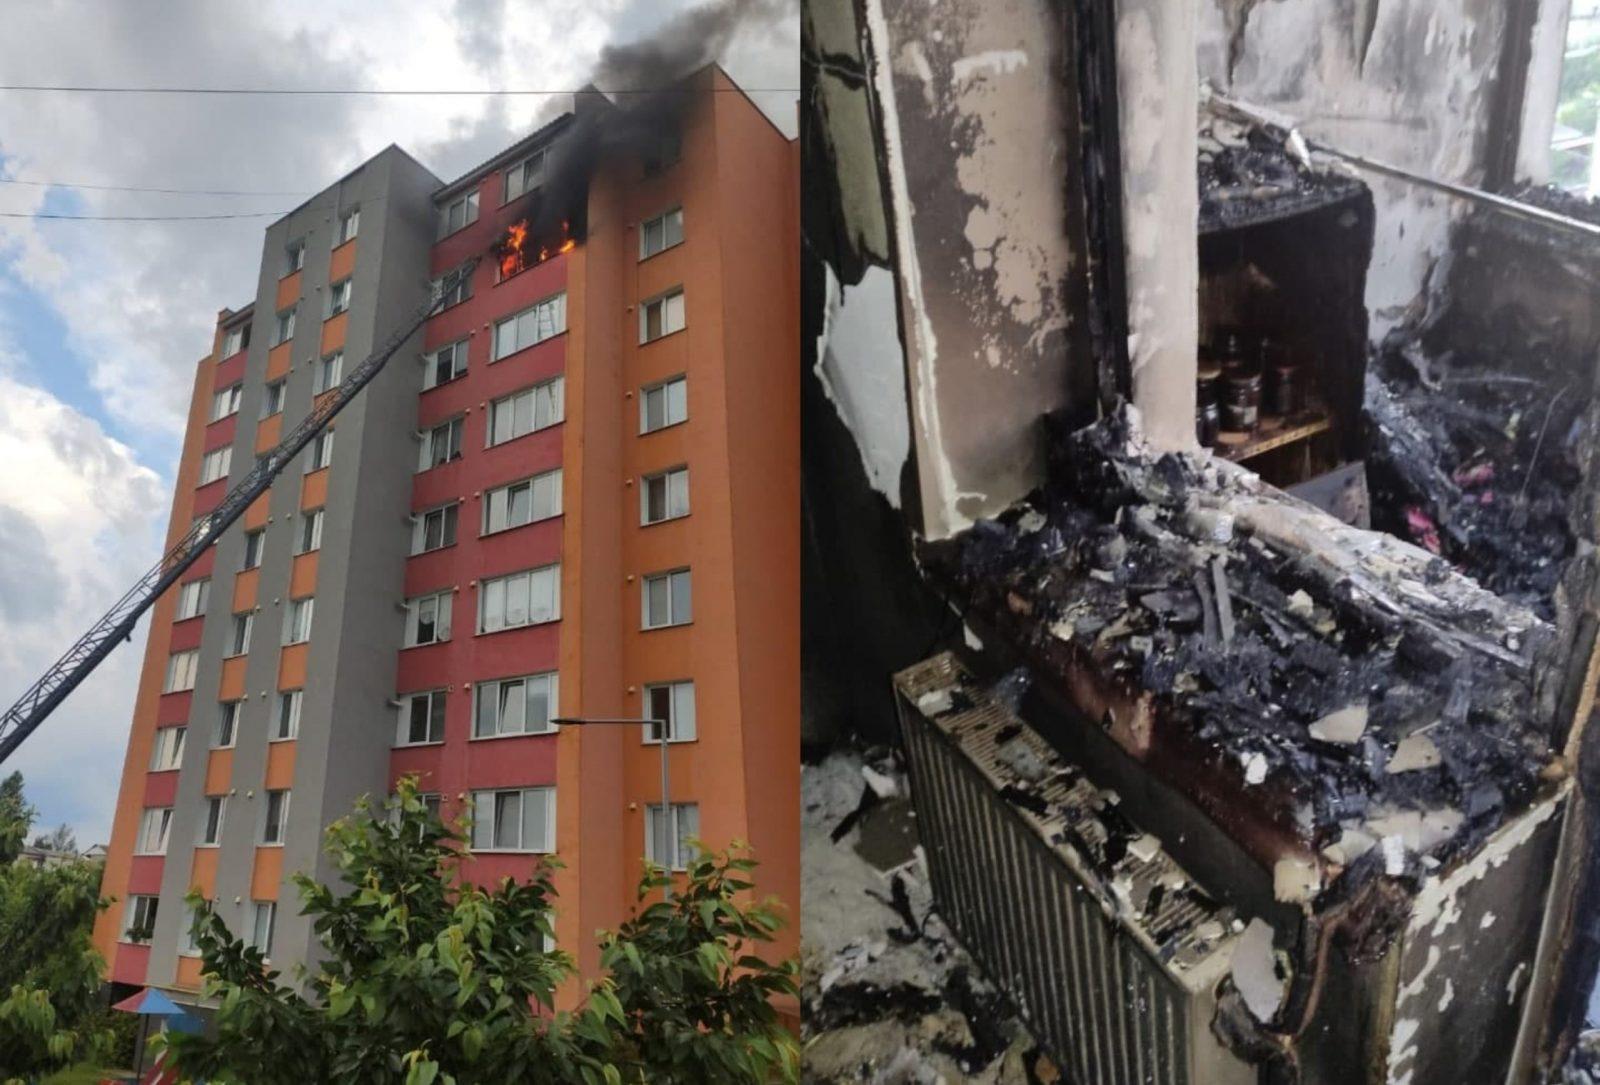 /FOTO/ Incendiu într-un bloc locativ din orașul Soroca. Mai multe persoane au fost evacuate